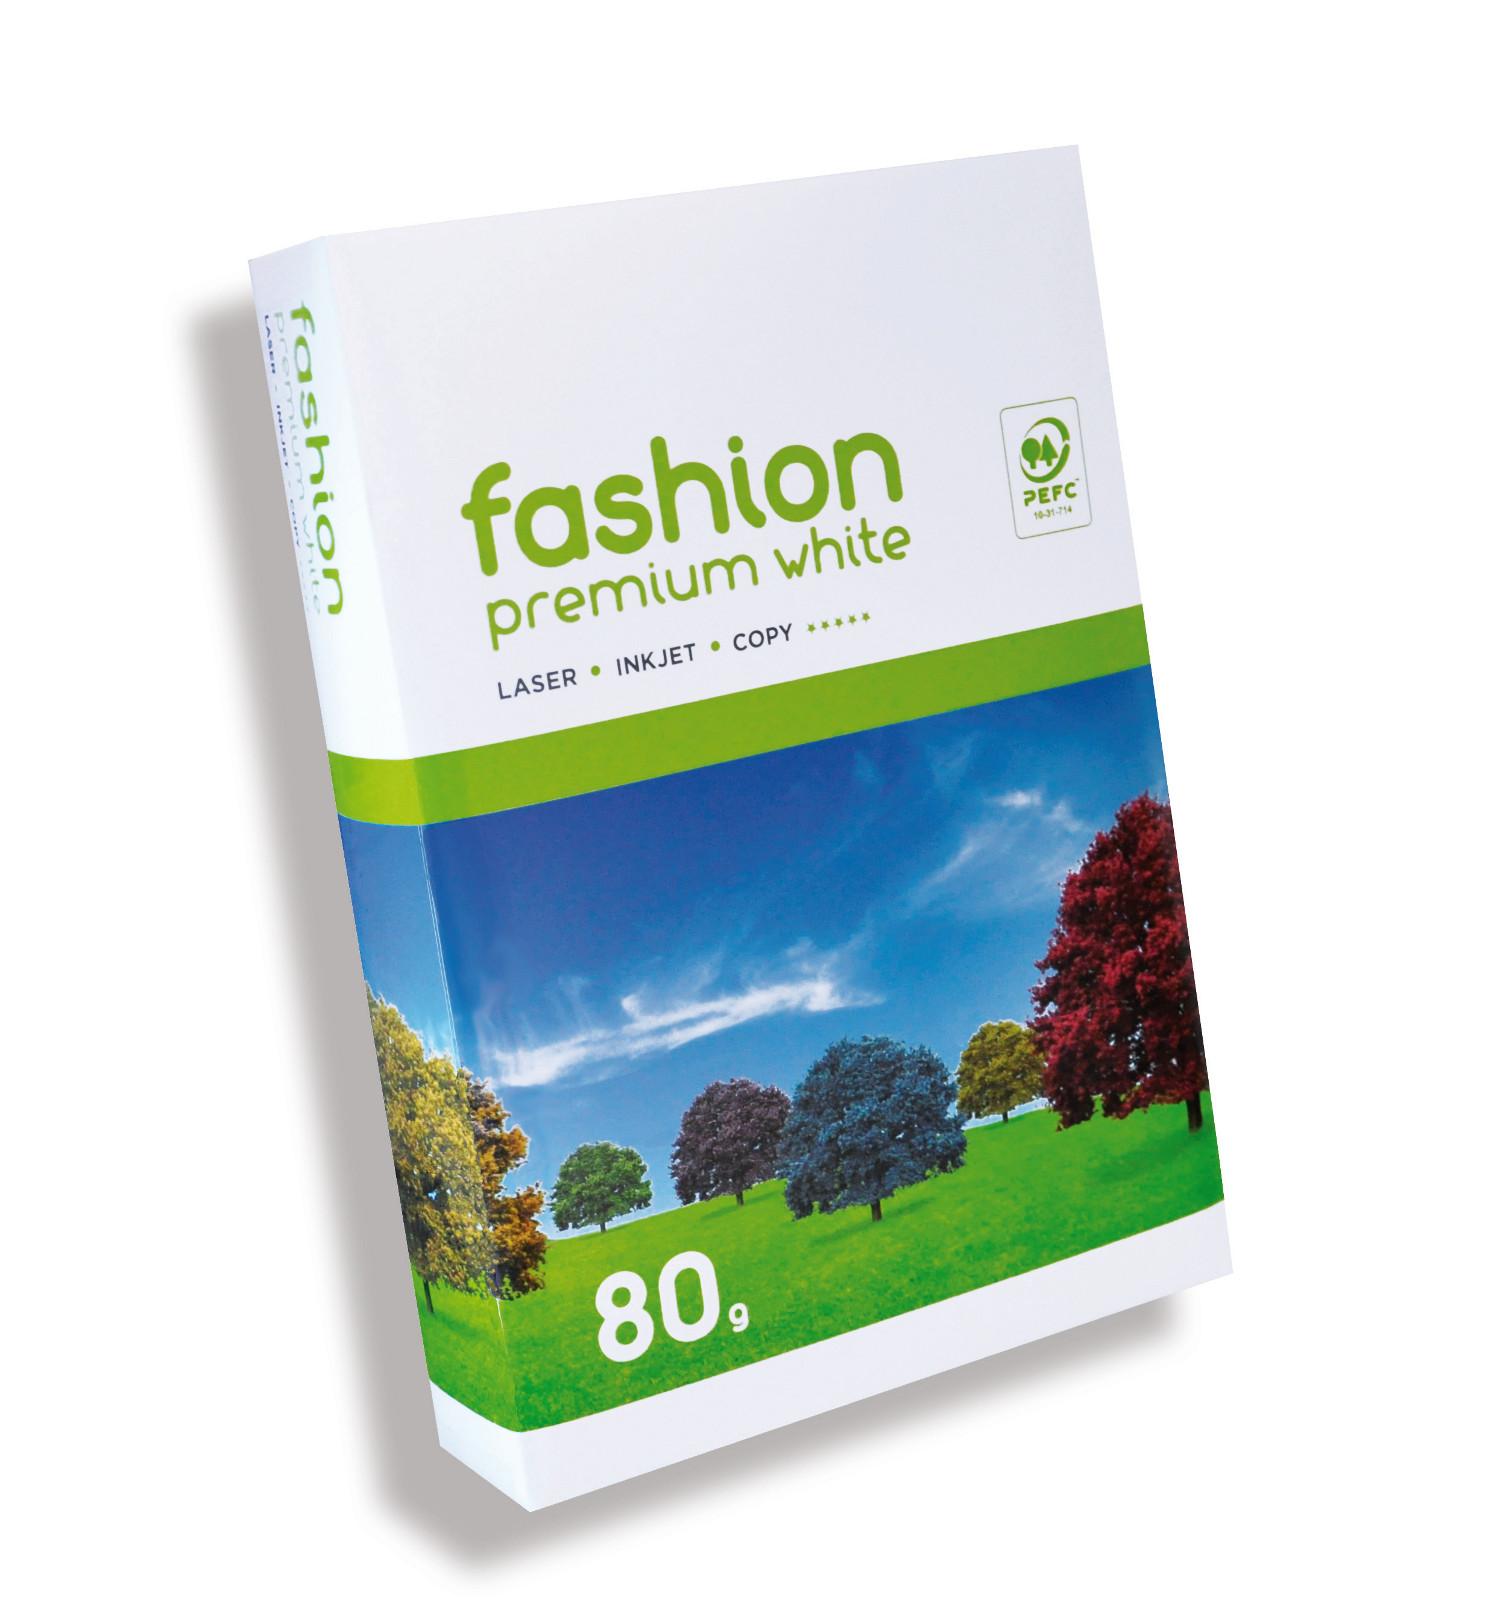 Fashion Premium white Papier 80g/m² DIN-A4 500 Blatt weiß